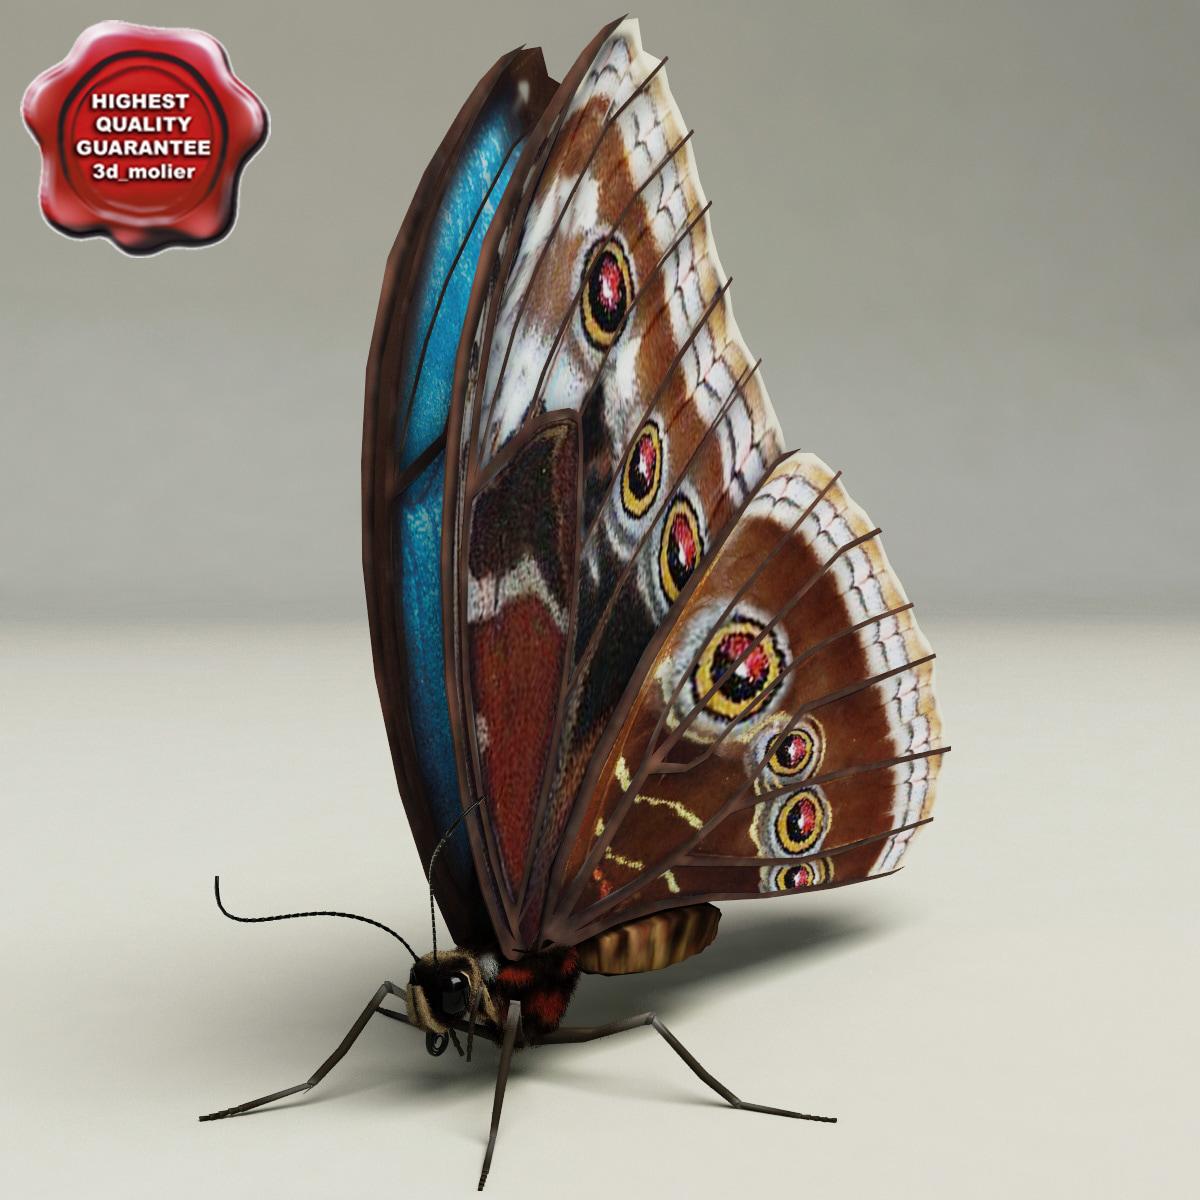 3d model of blue morpho butterfly